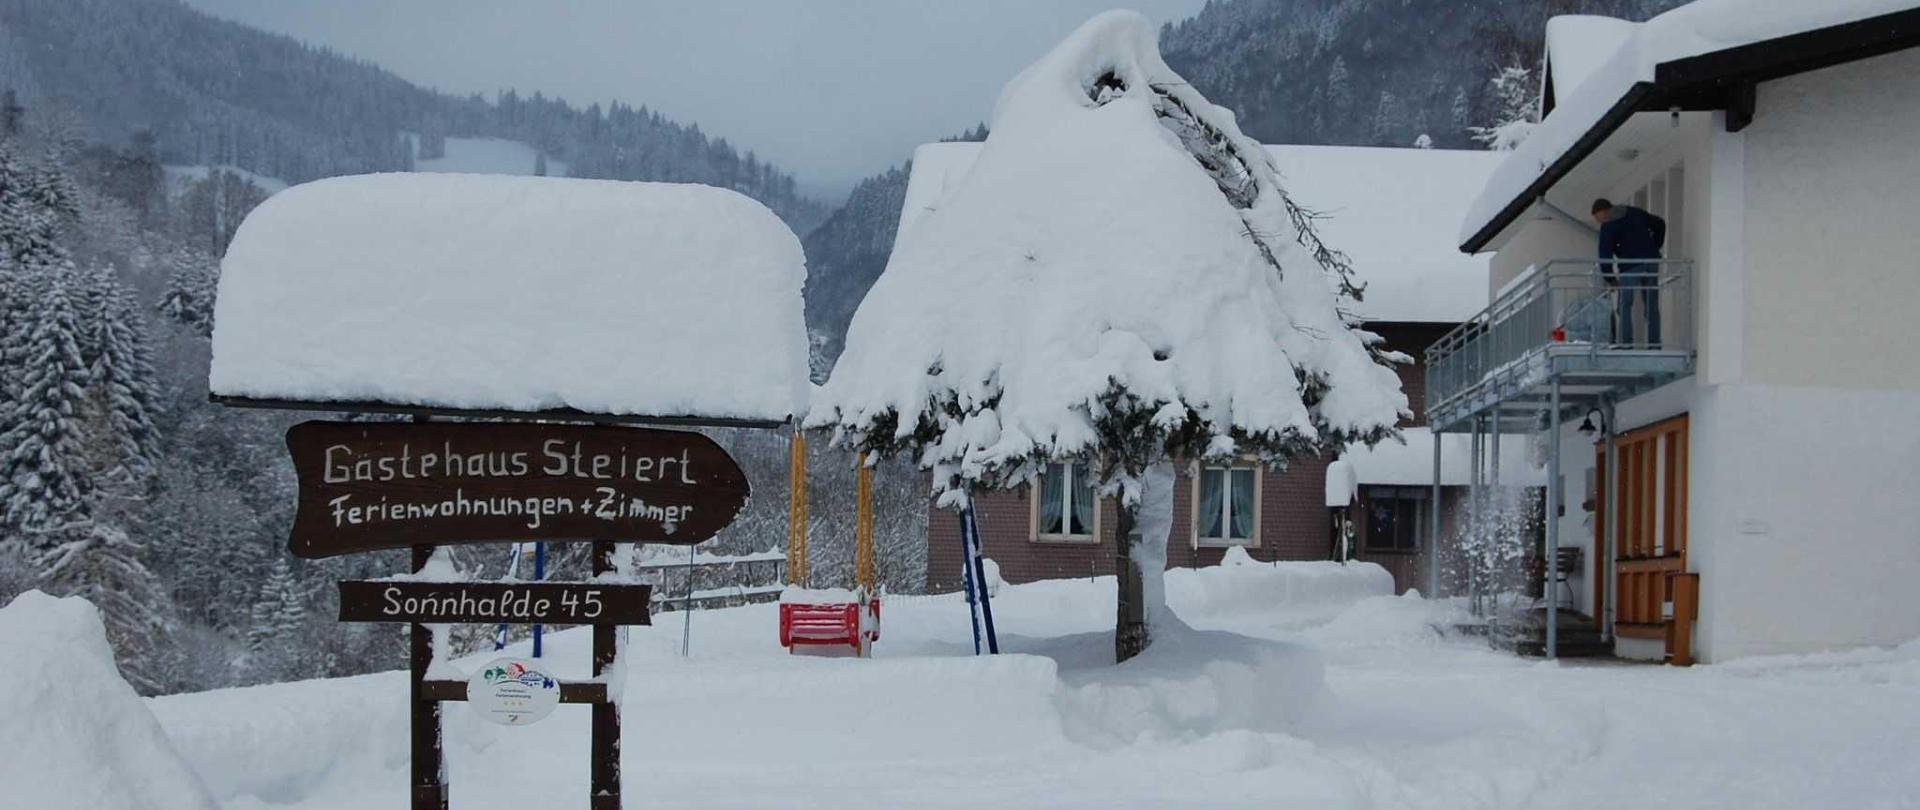 tiefster-winter-massig-schnee-006-1.JPG